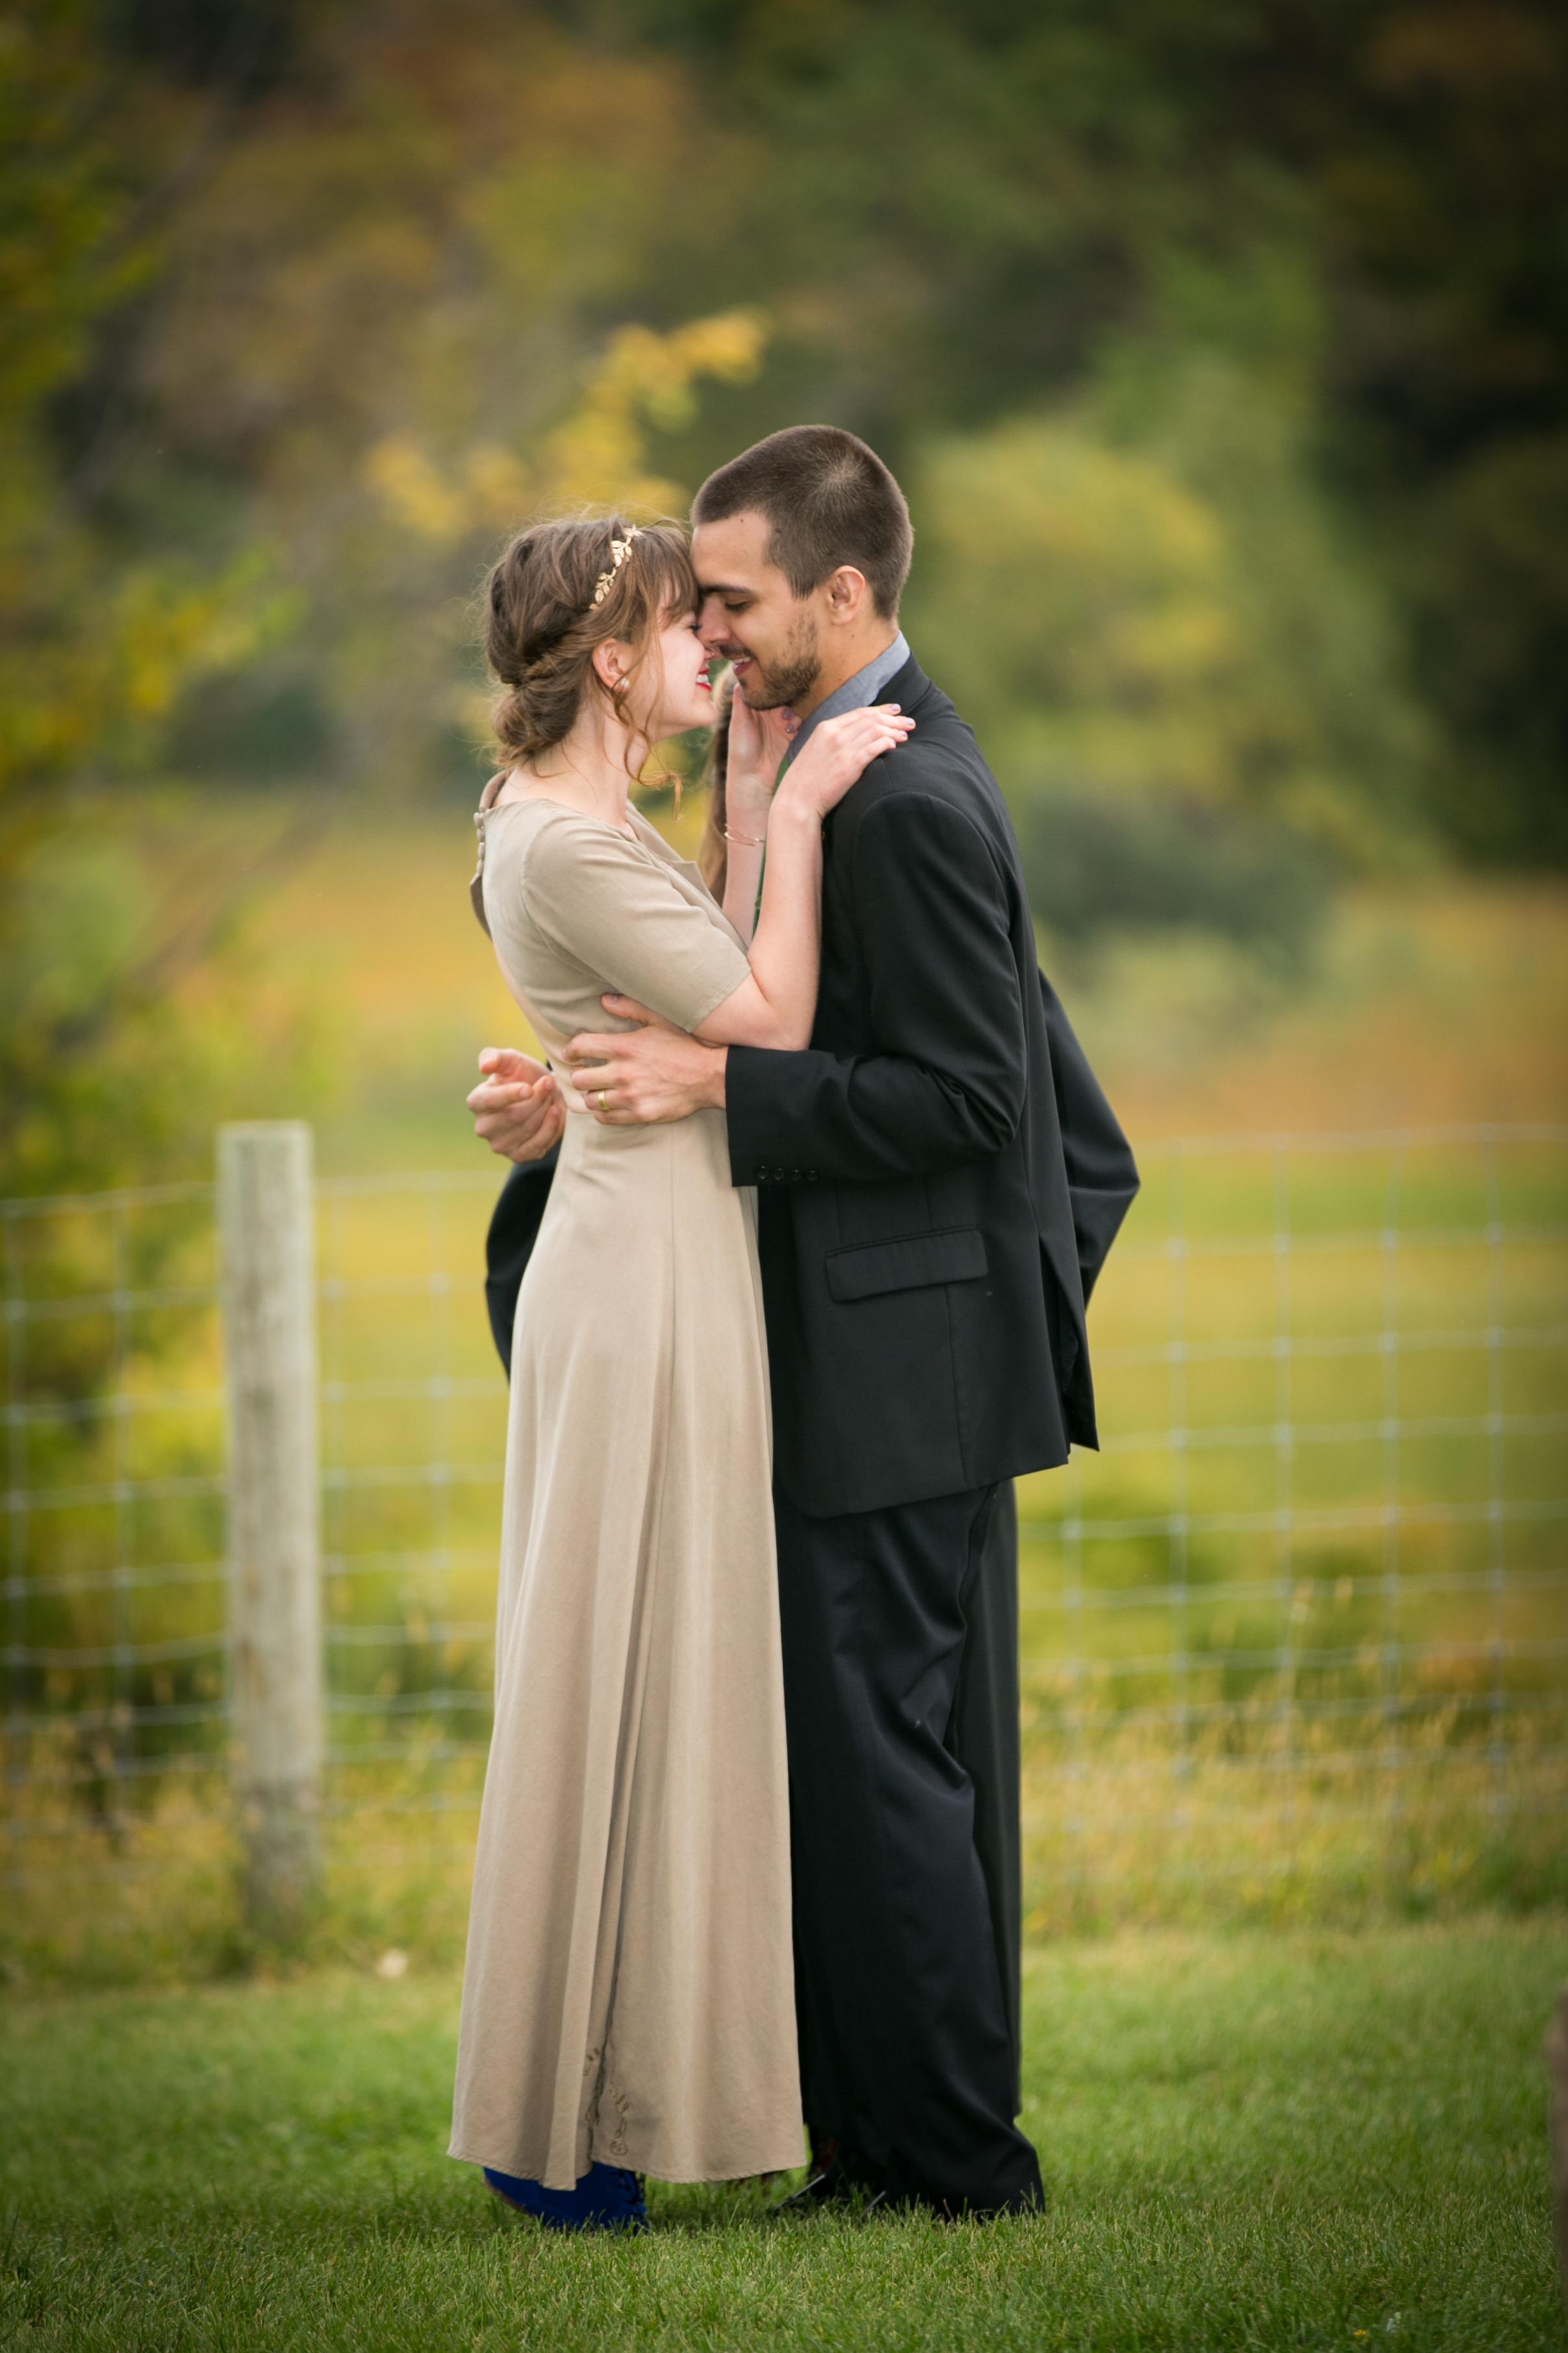 wedding-elopement-photographer-vail-axelphoto.jpg